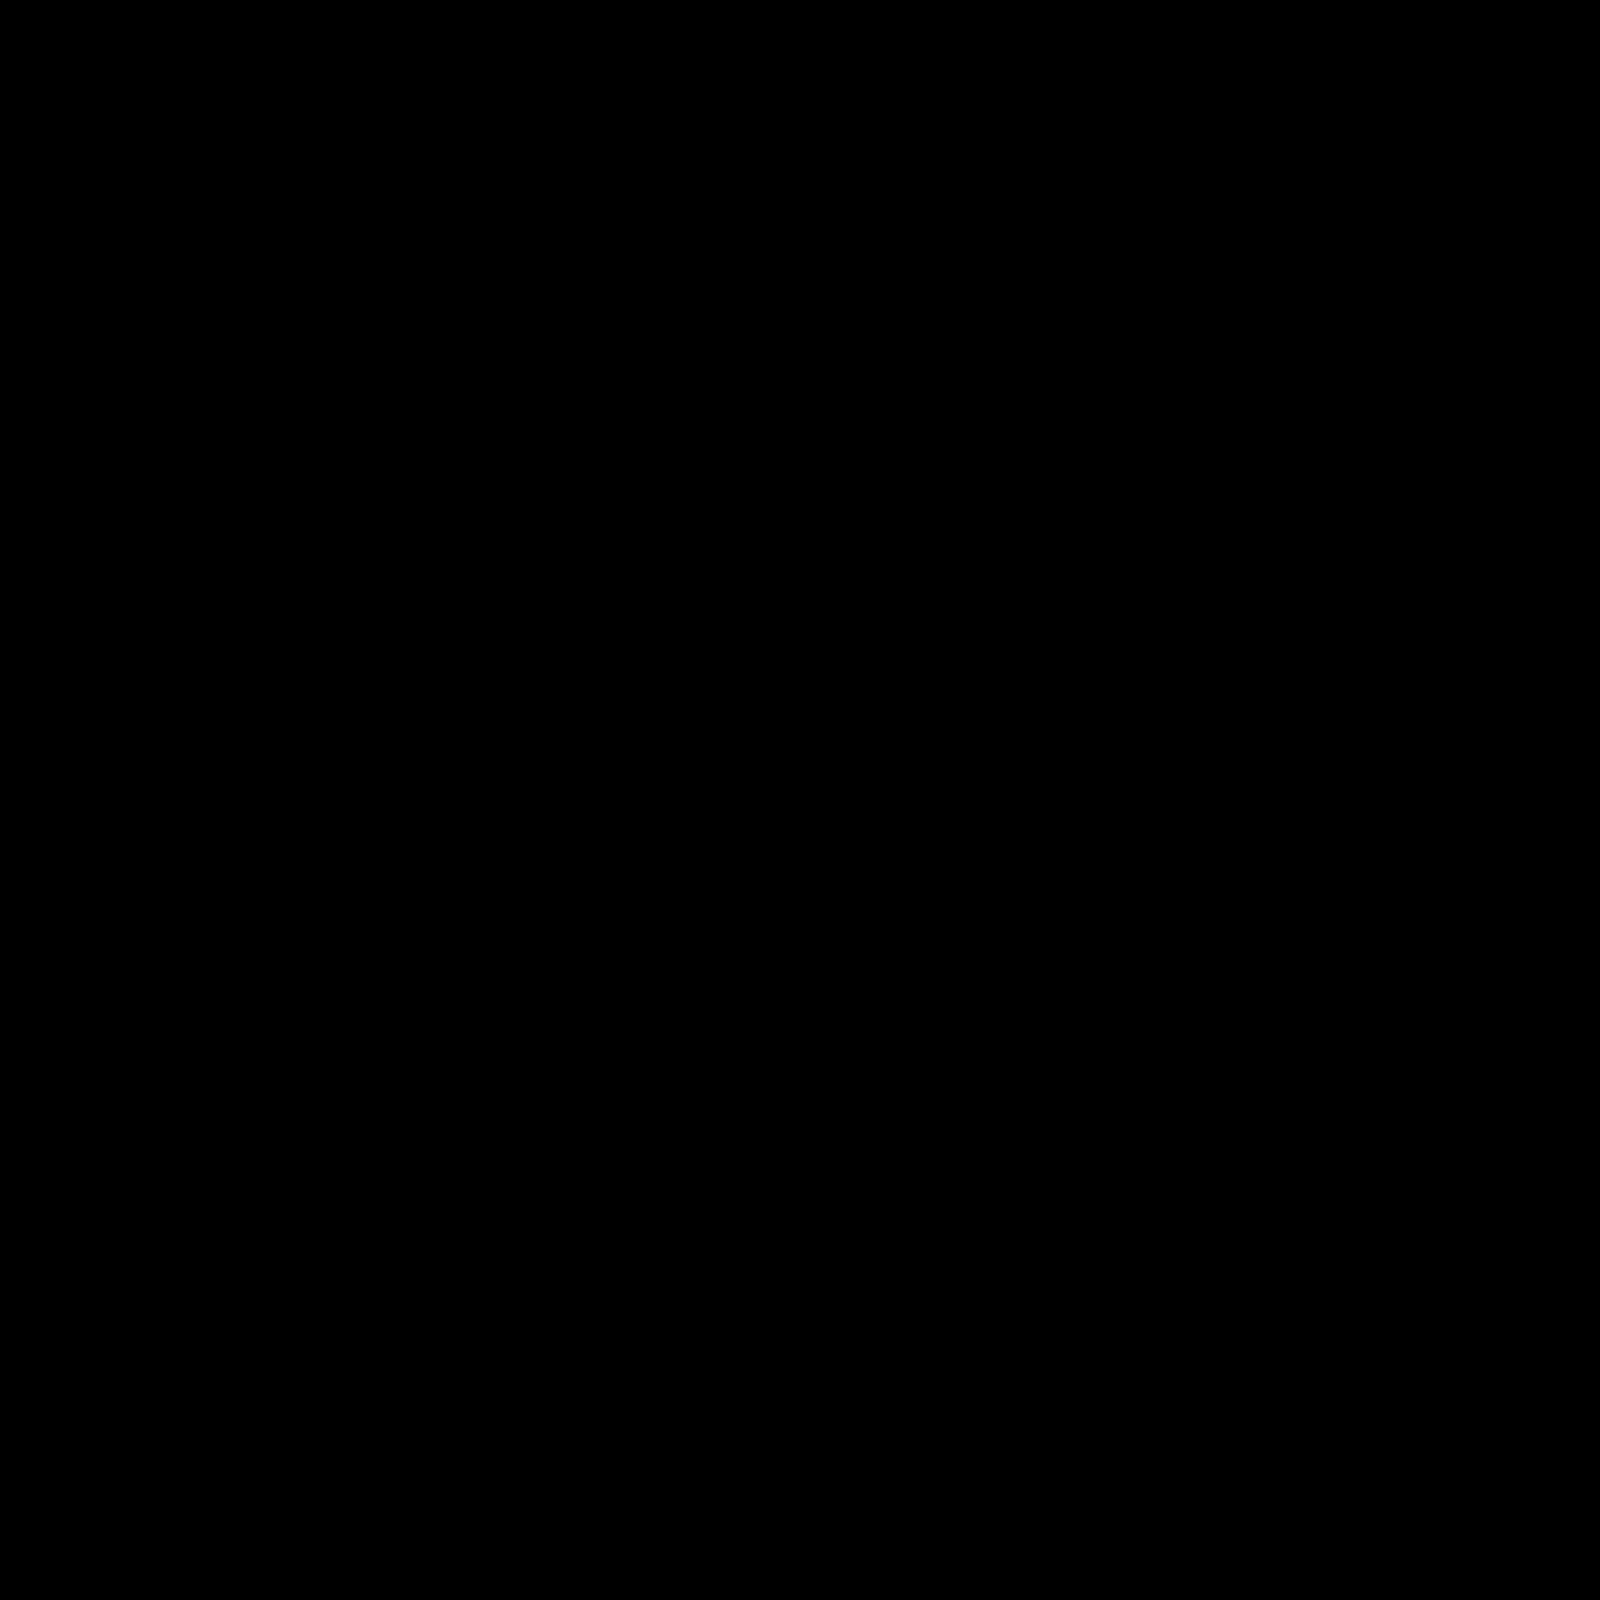 Shoe Polish Filled icon